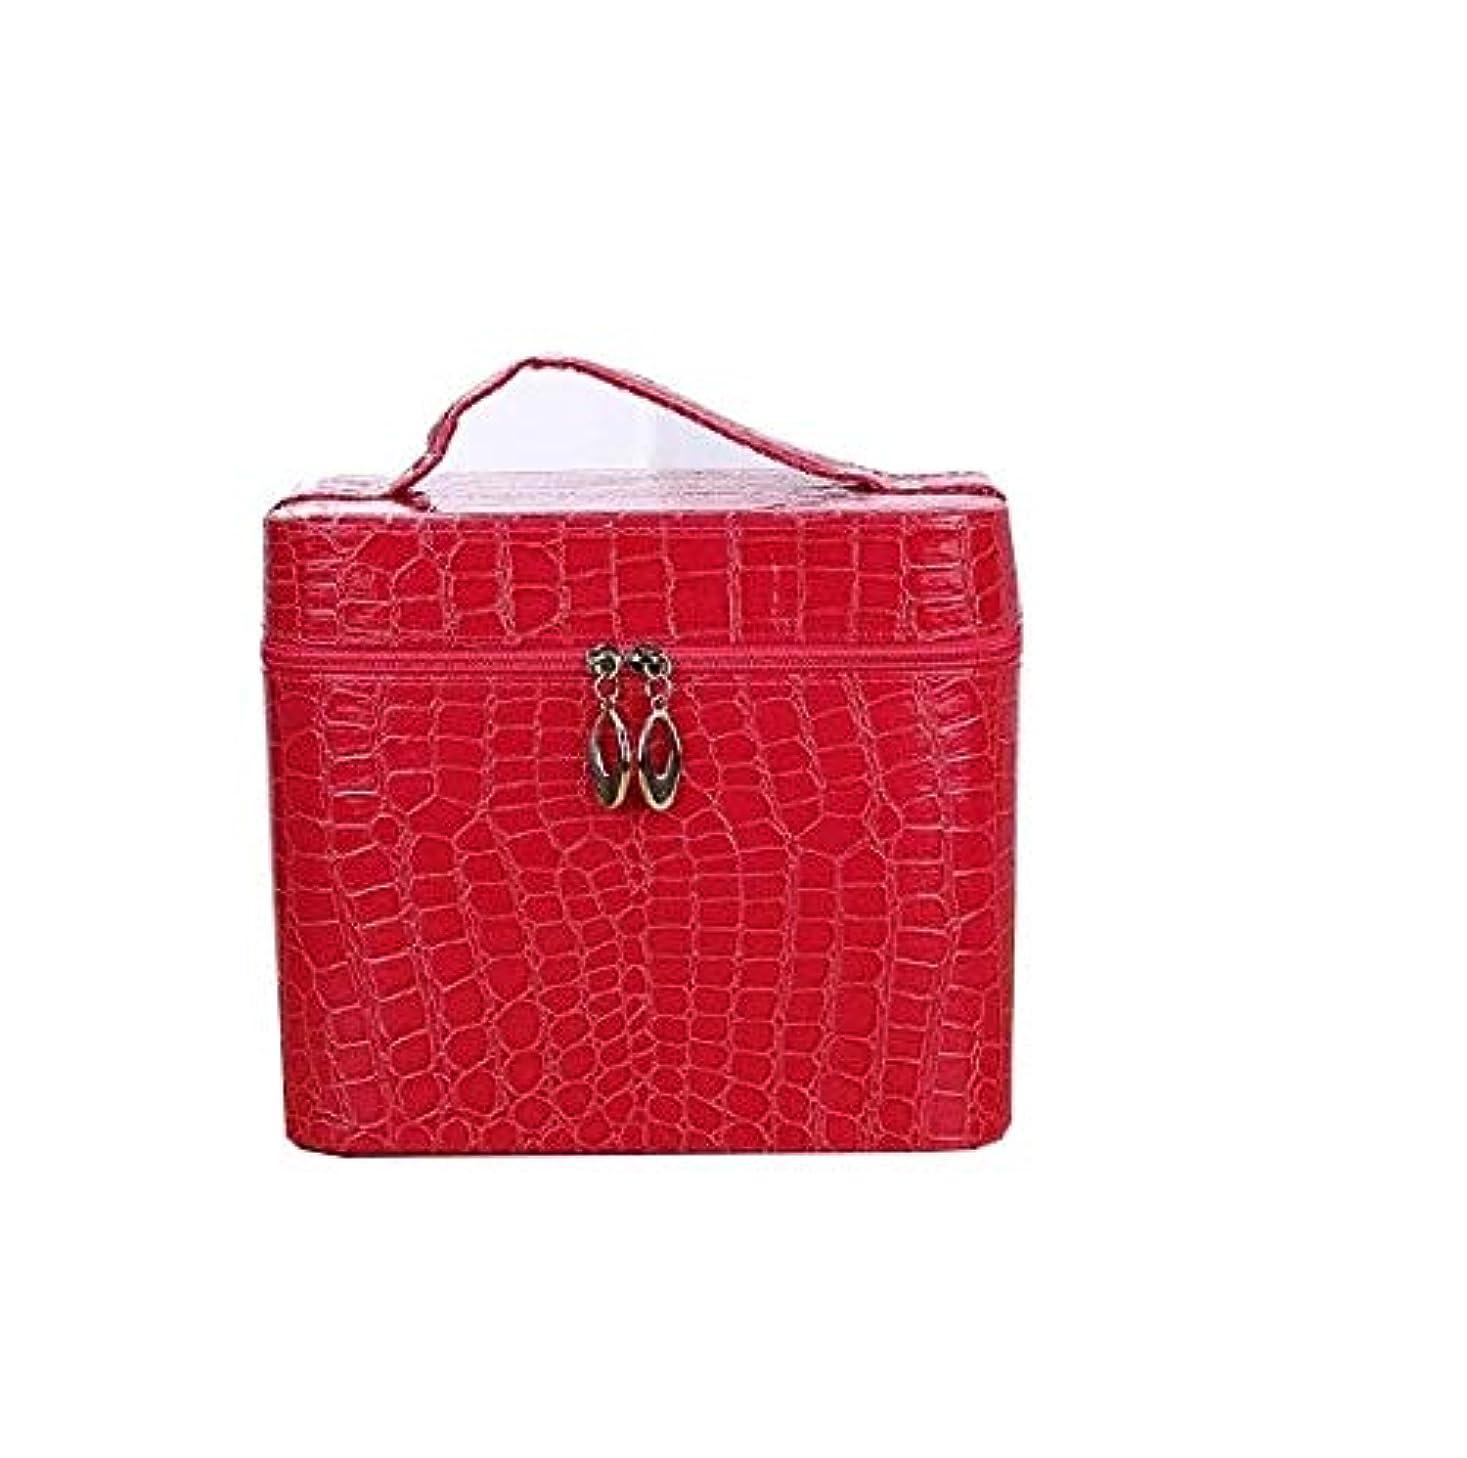 ノイズしがみつくバウンス化粧箱、赤、黒ワニ革ポータブル化粧品バッグ、ポータブルポータブル旅行化粧品ケース、美容ネイルジュエリー収納ボックス (Color : Red)